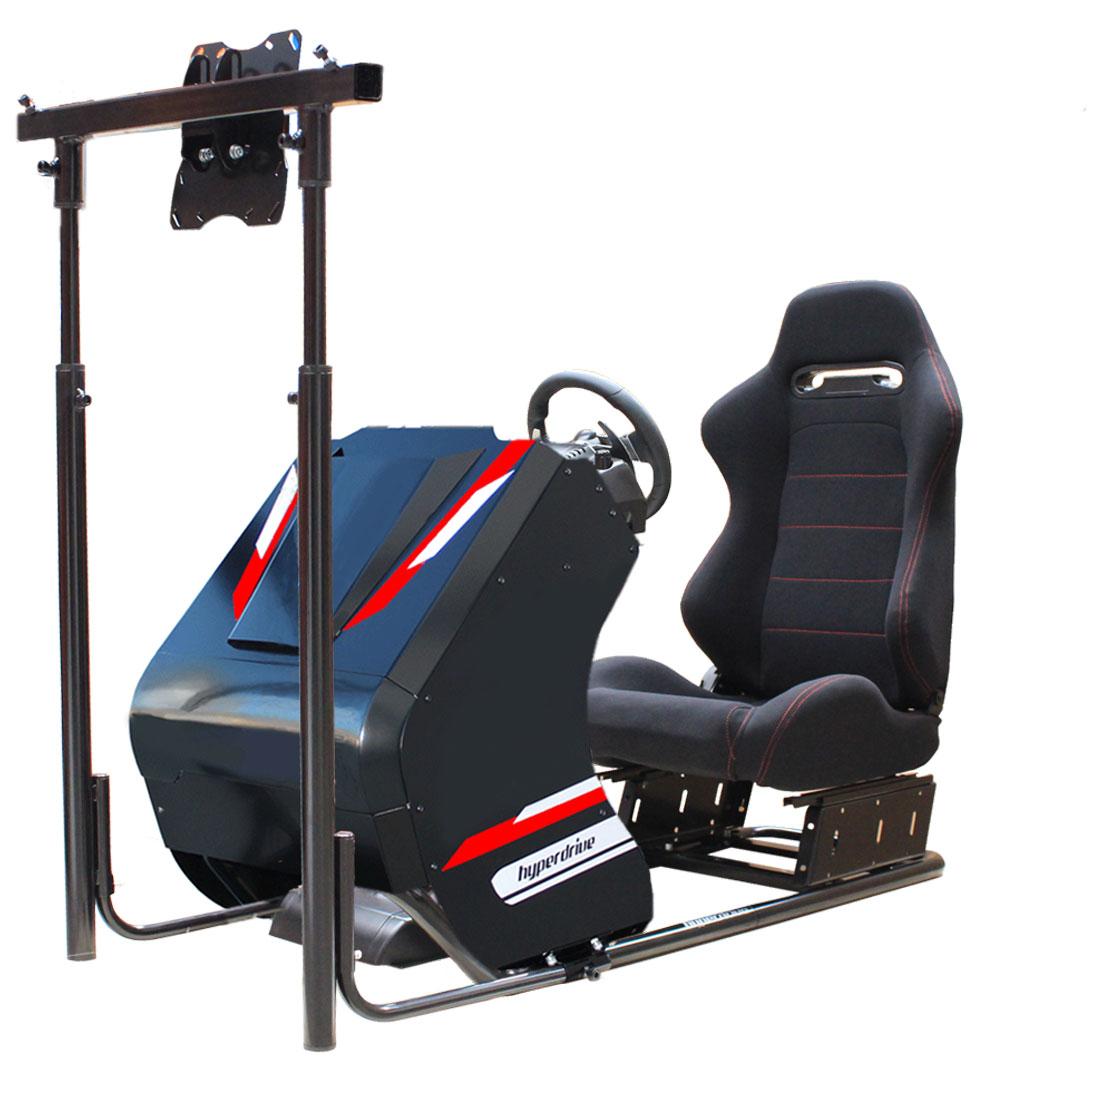 RACING SIMULATOR | D-RS 100B – S2